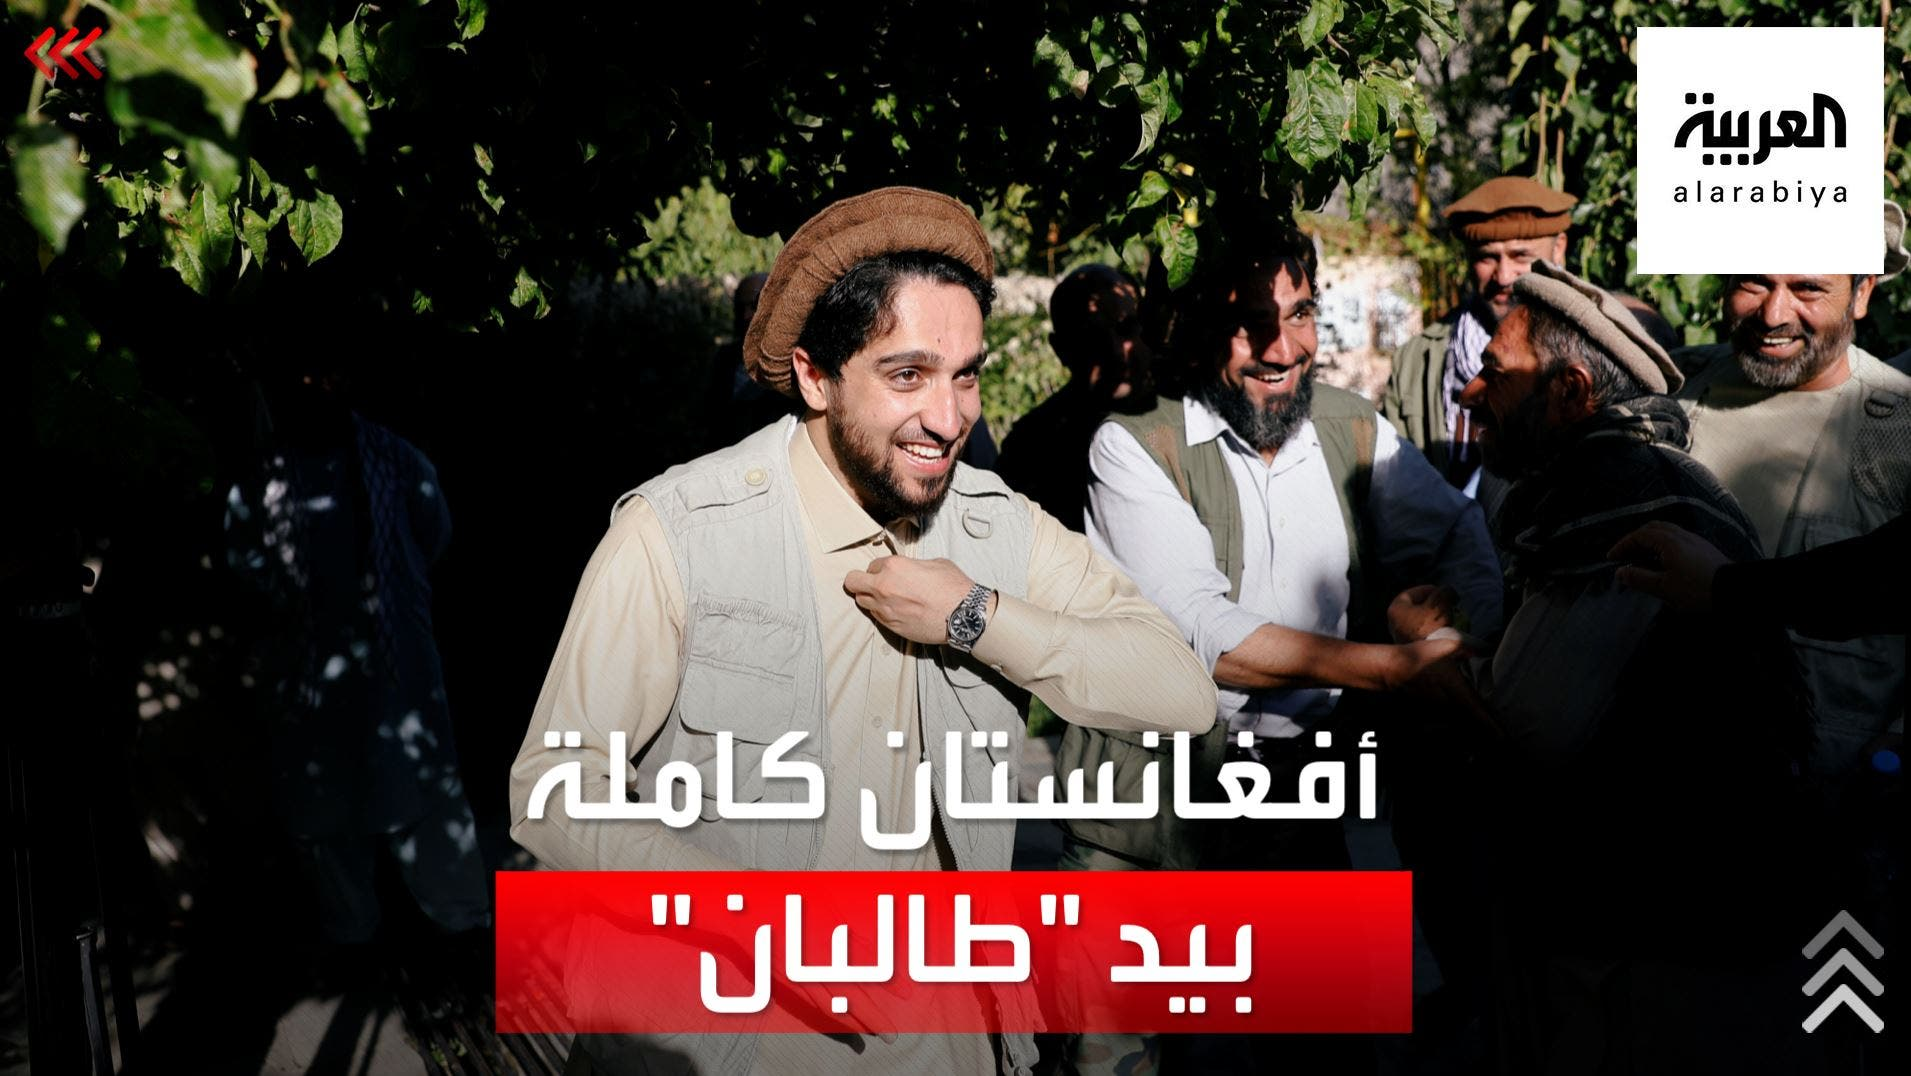 ایک صوتی پیغام میں احمد مسعود افغانستان پر طالبان کے کنڑول کا اعتراف کر رہے ہیں